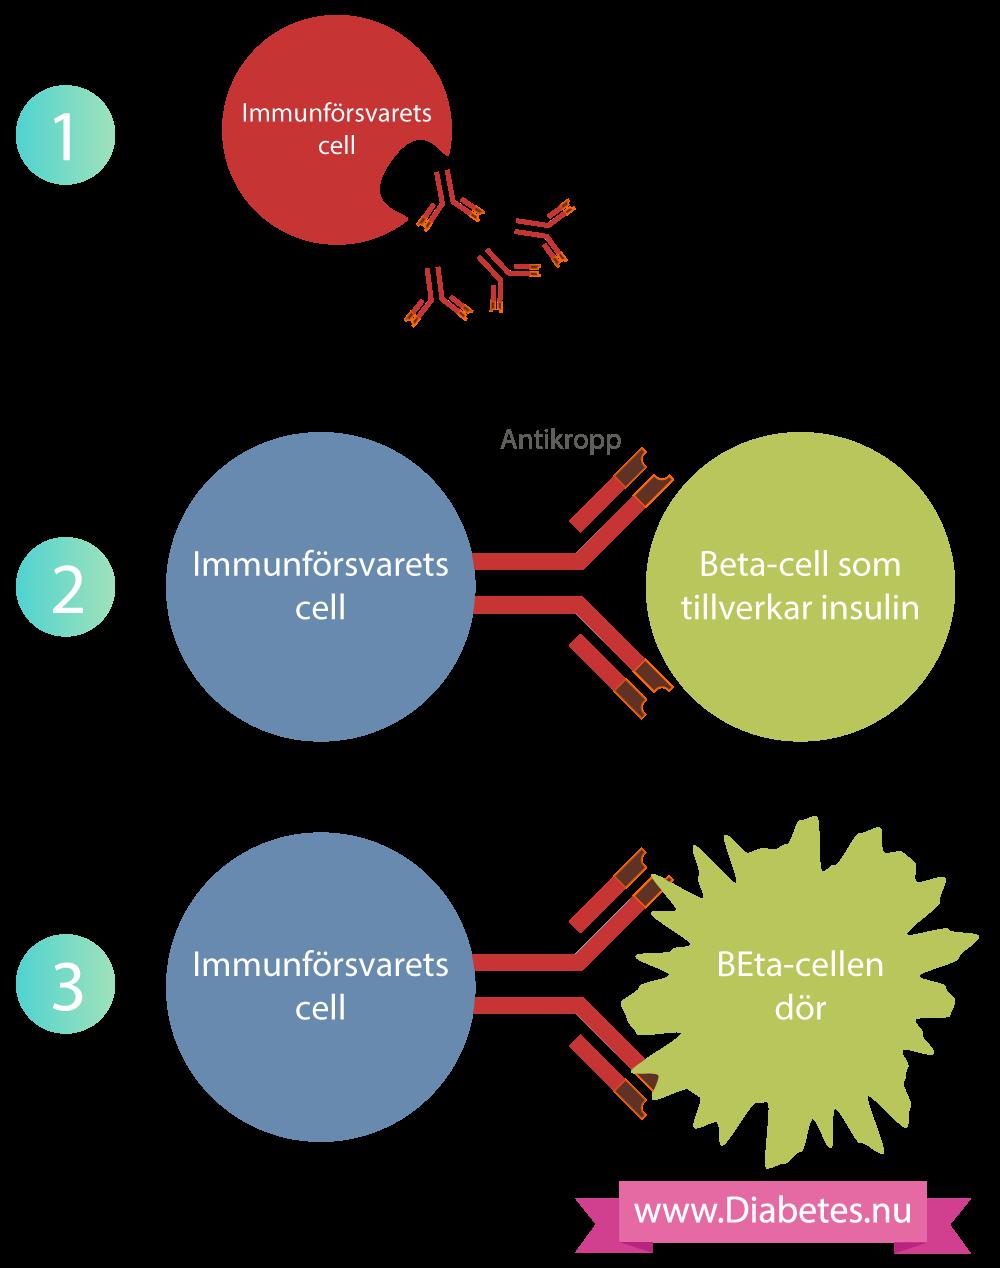 Denna bilden visar hur immunförsvarets celler tillverkar antikroppar som sedan fäster till beta-cellerna. Antikropparna lockar andra immunceller och dessa celler döda beta-cellerna. Då kan man inte längre tillverka insulin och man får typ 1 diabetes.